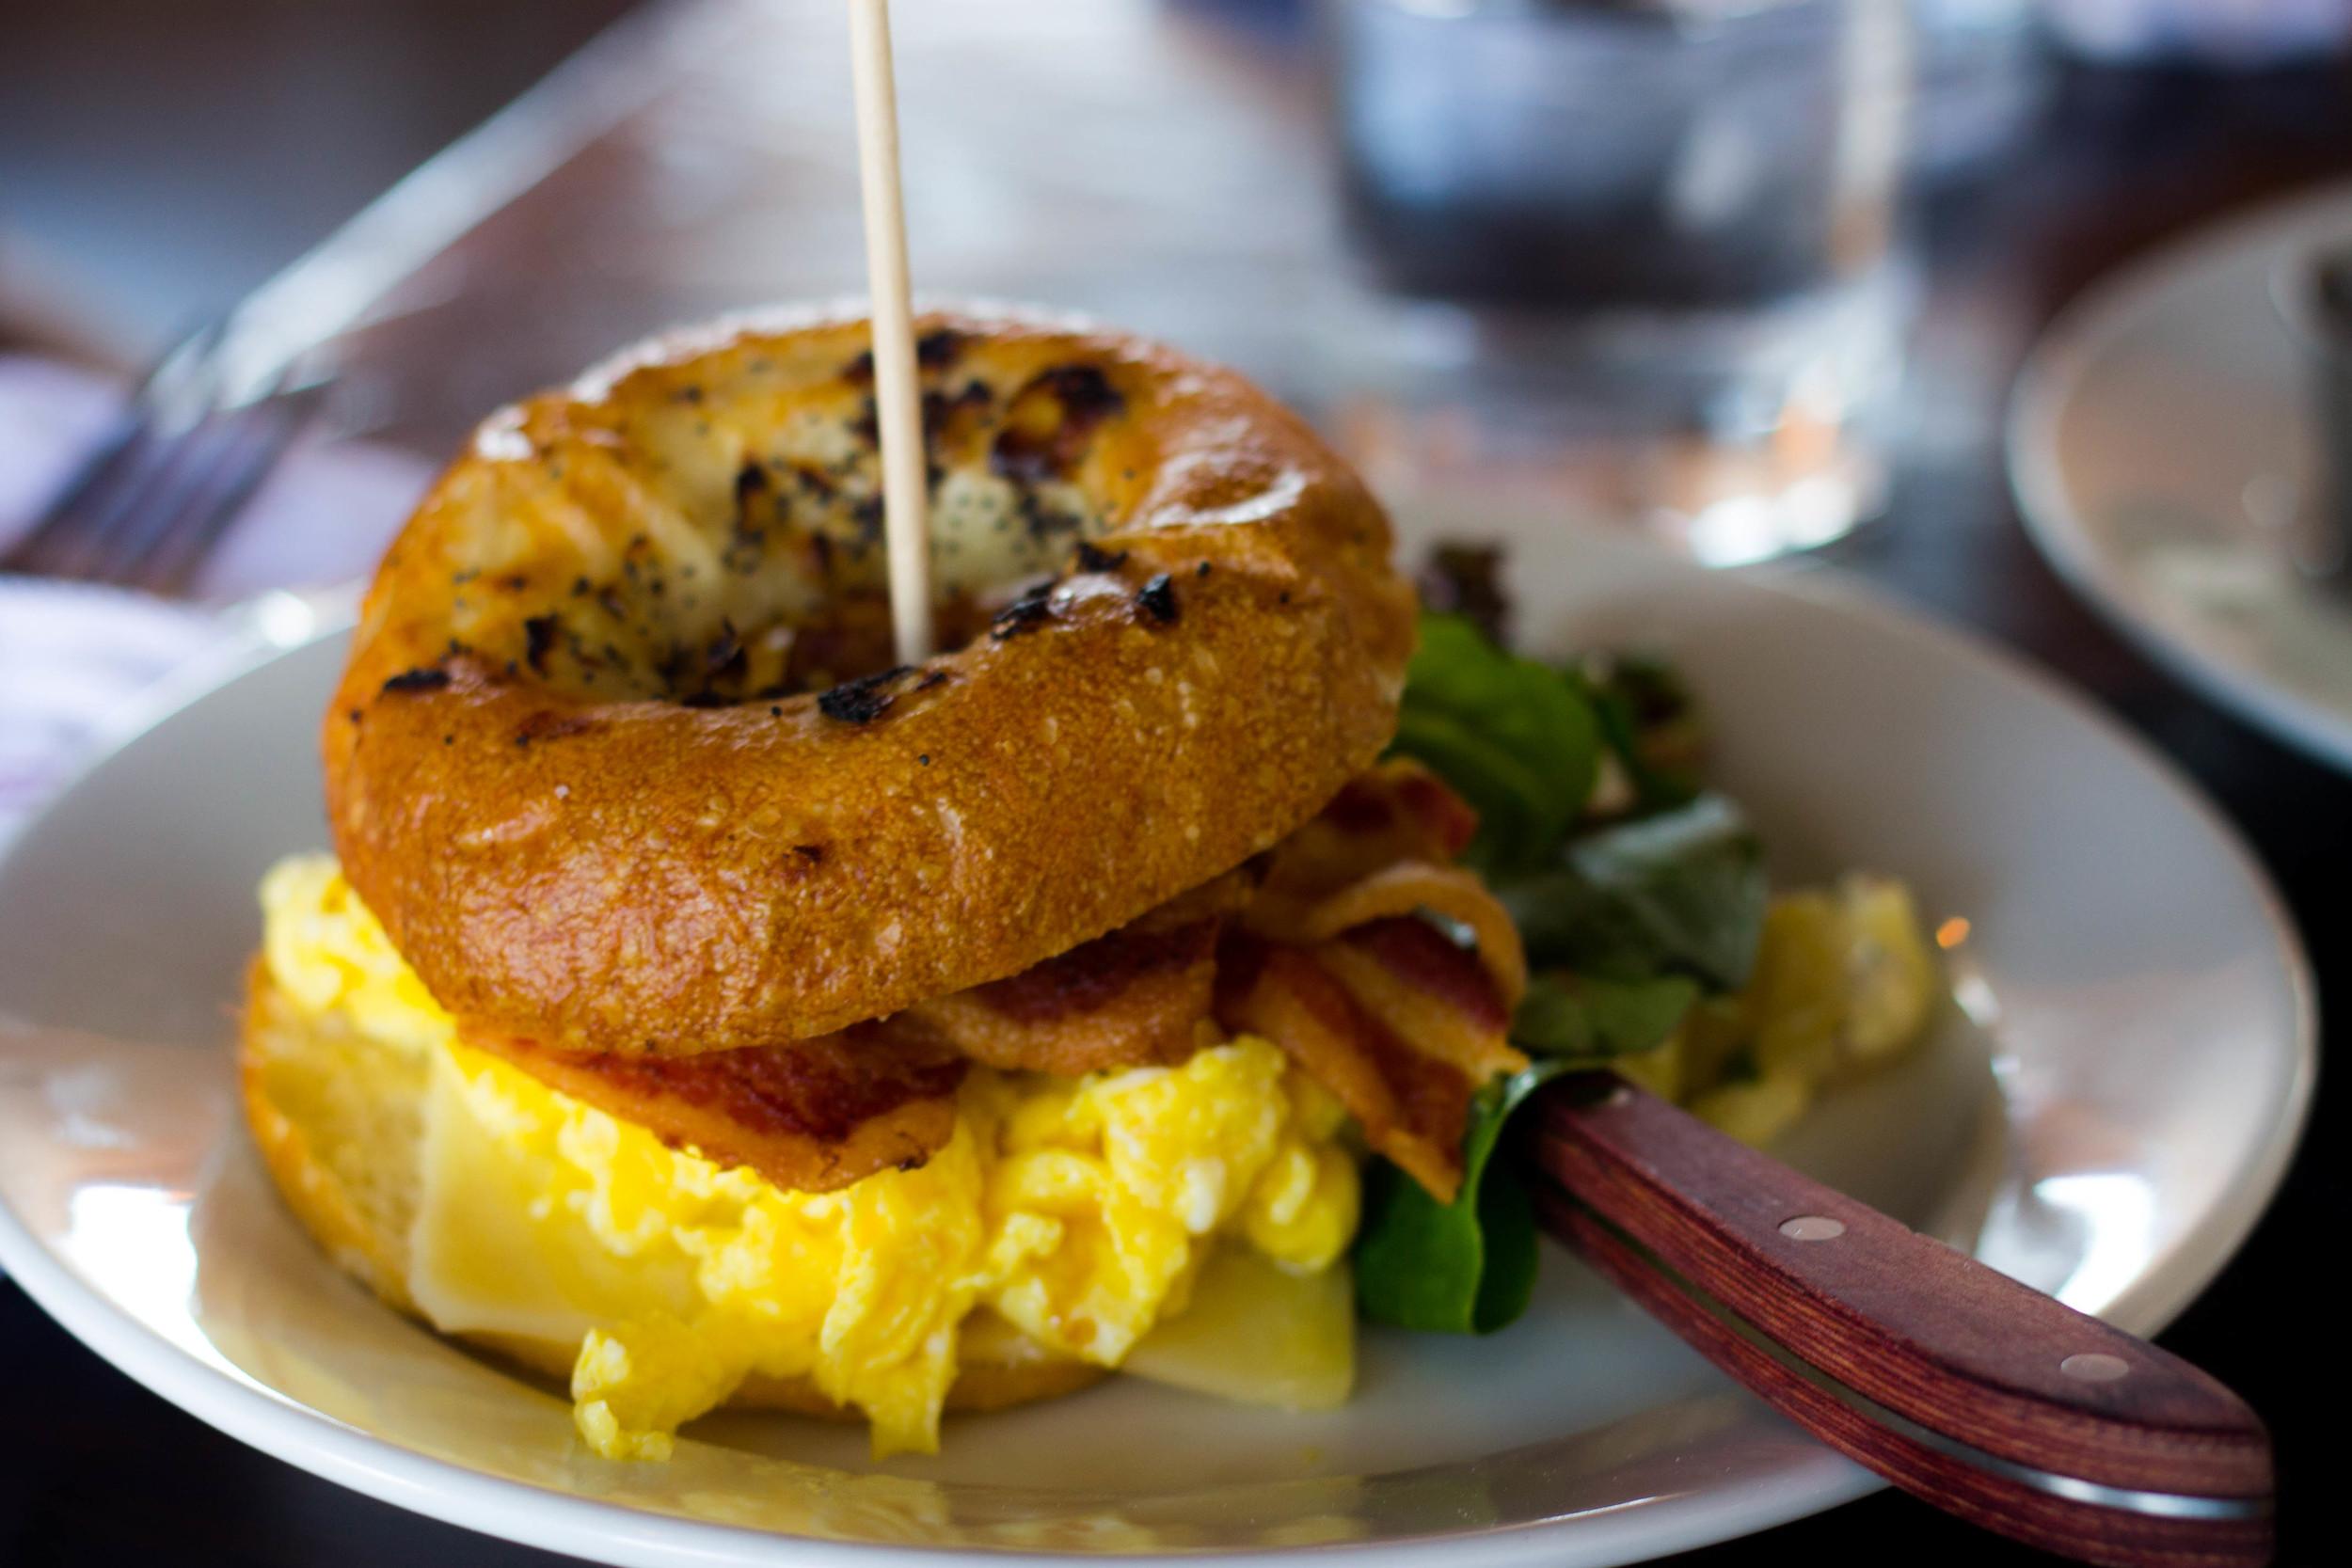 BRG Breakfast Sandwich